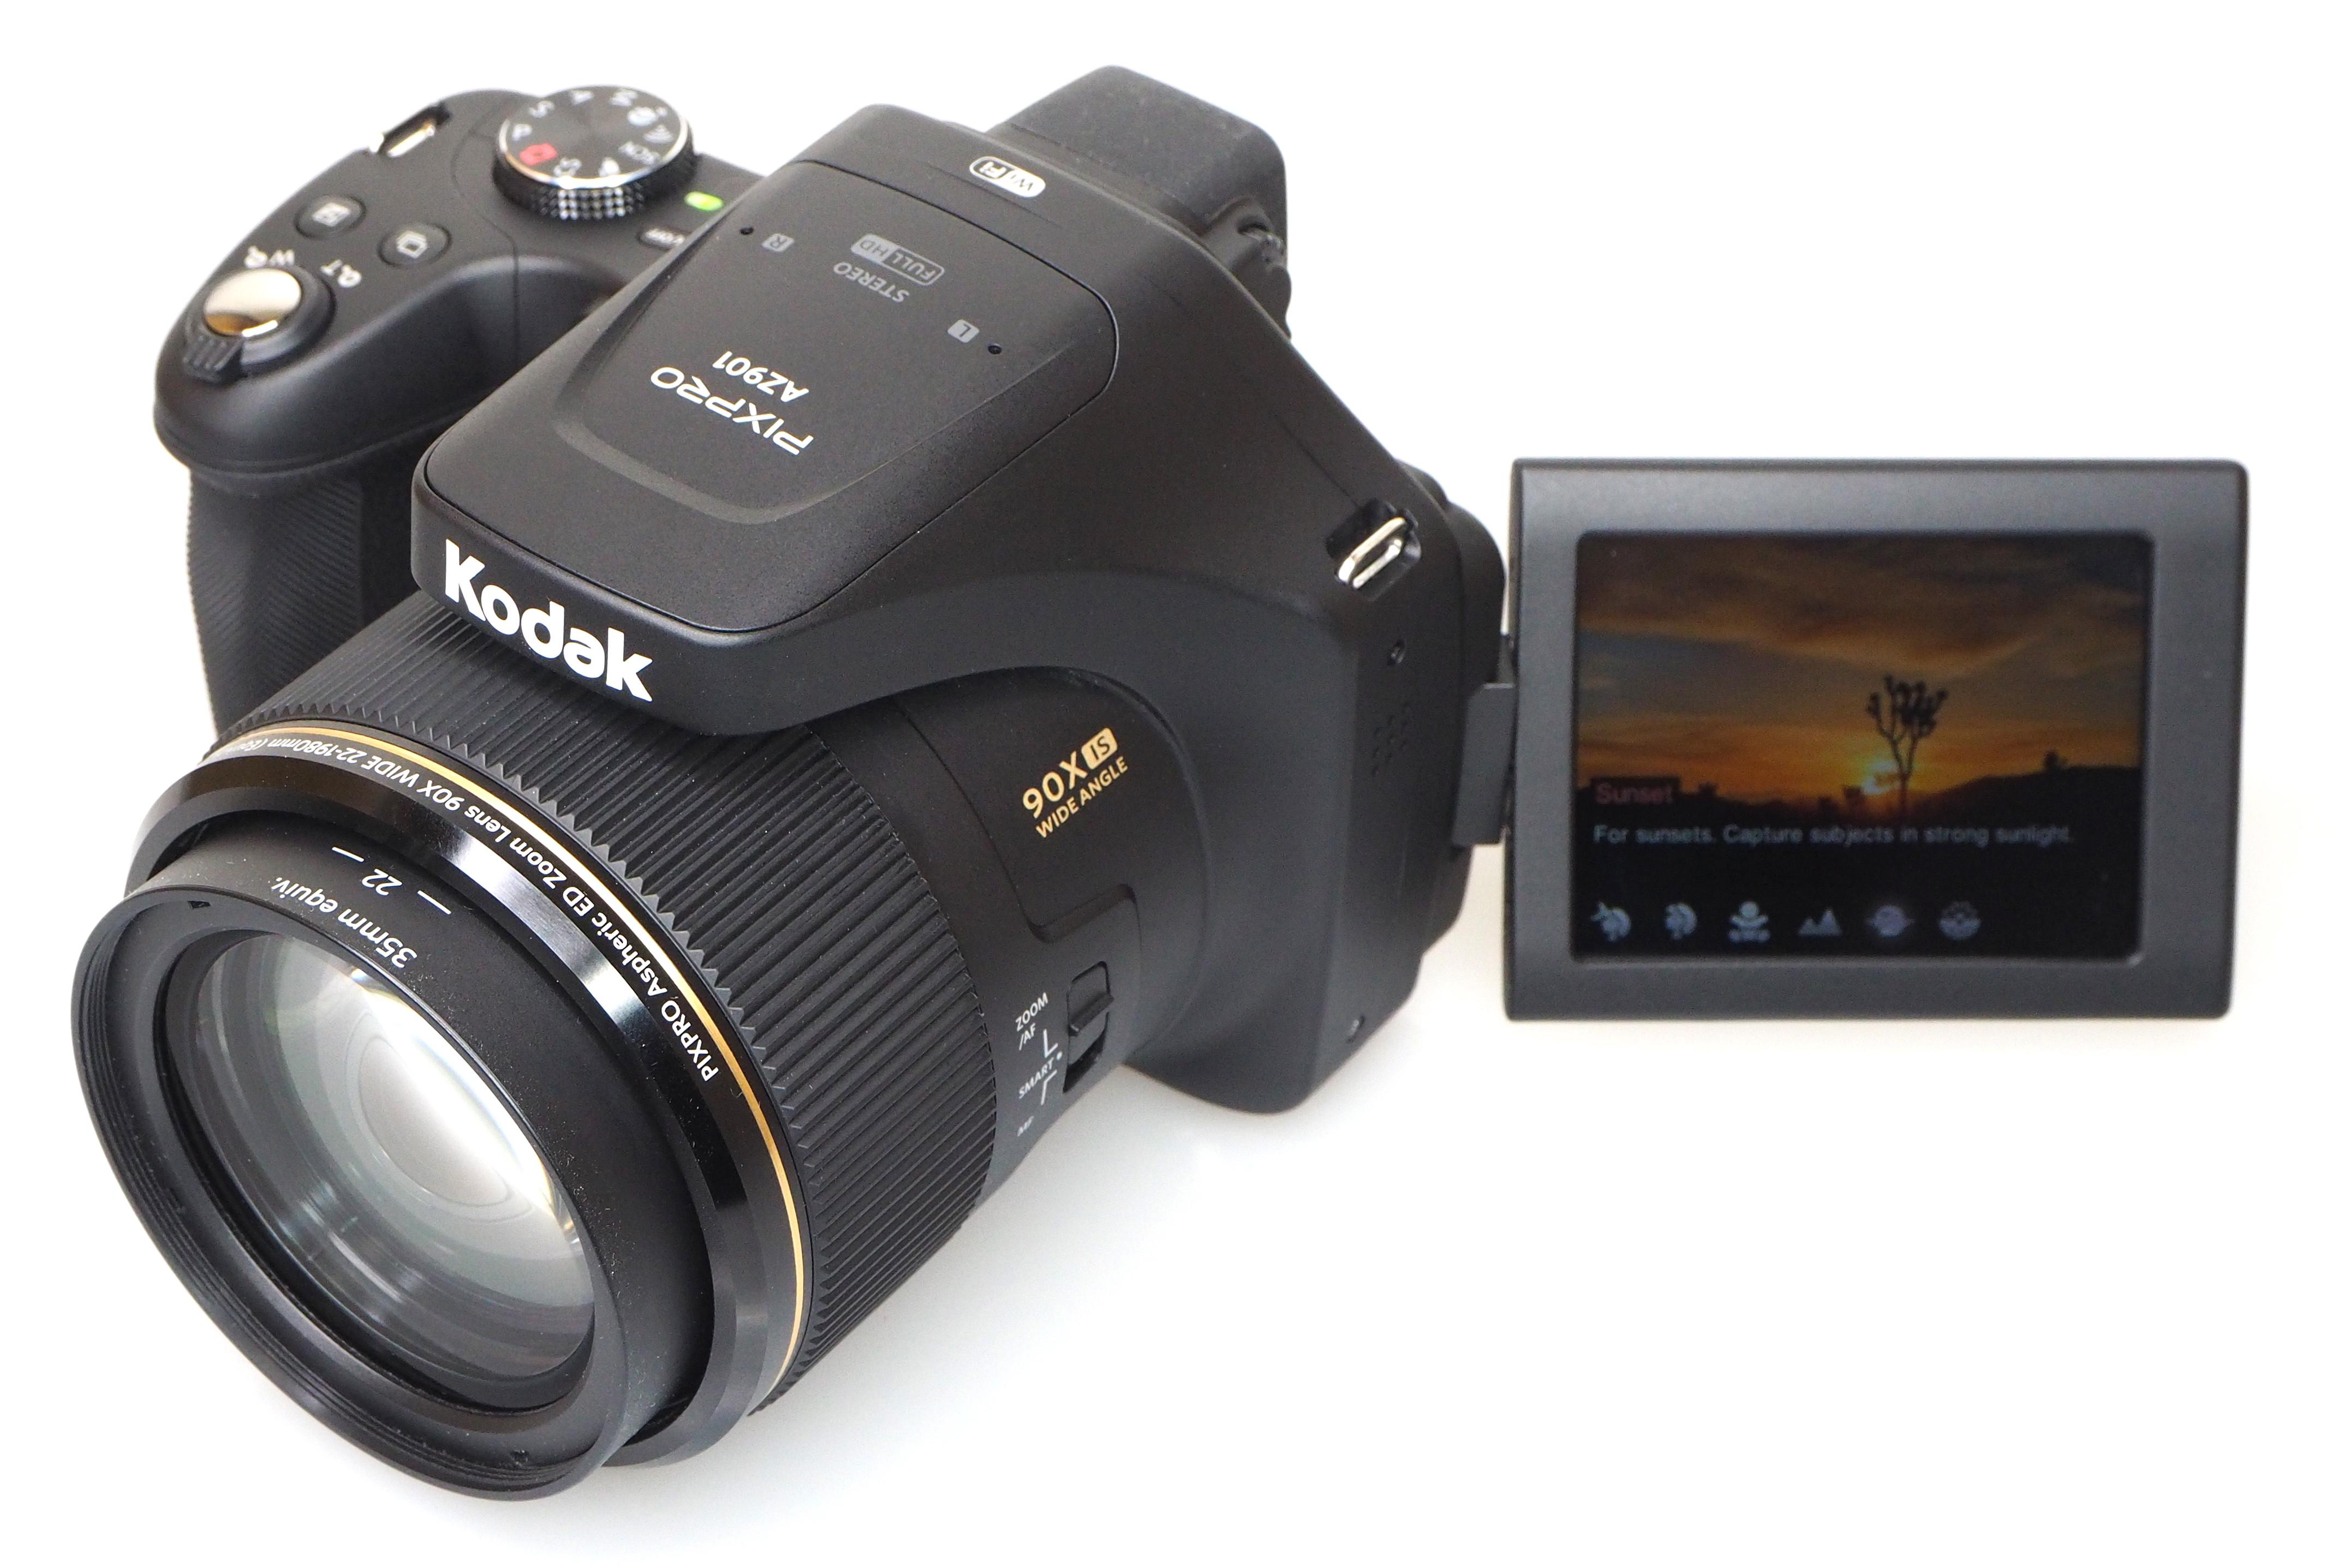 Kodak PIXPRO AZ901 Review | ePHOTOzine